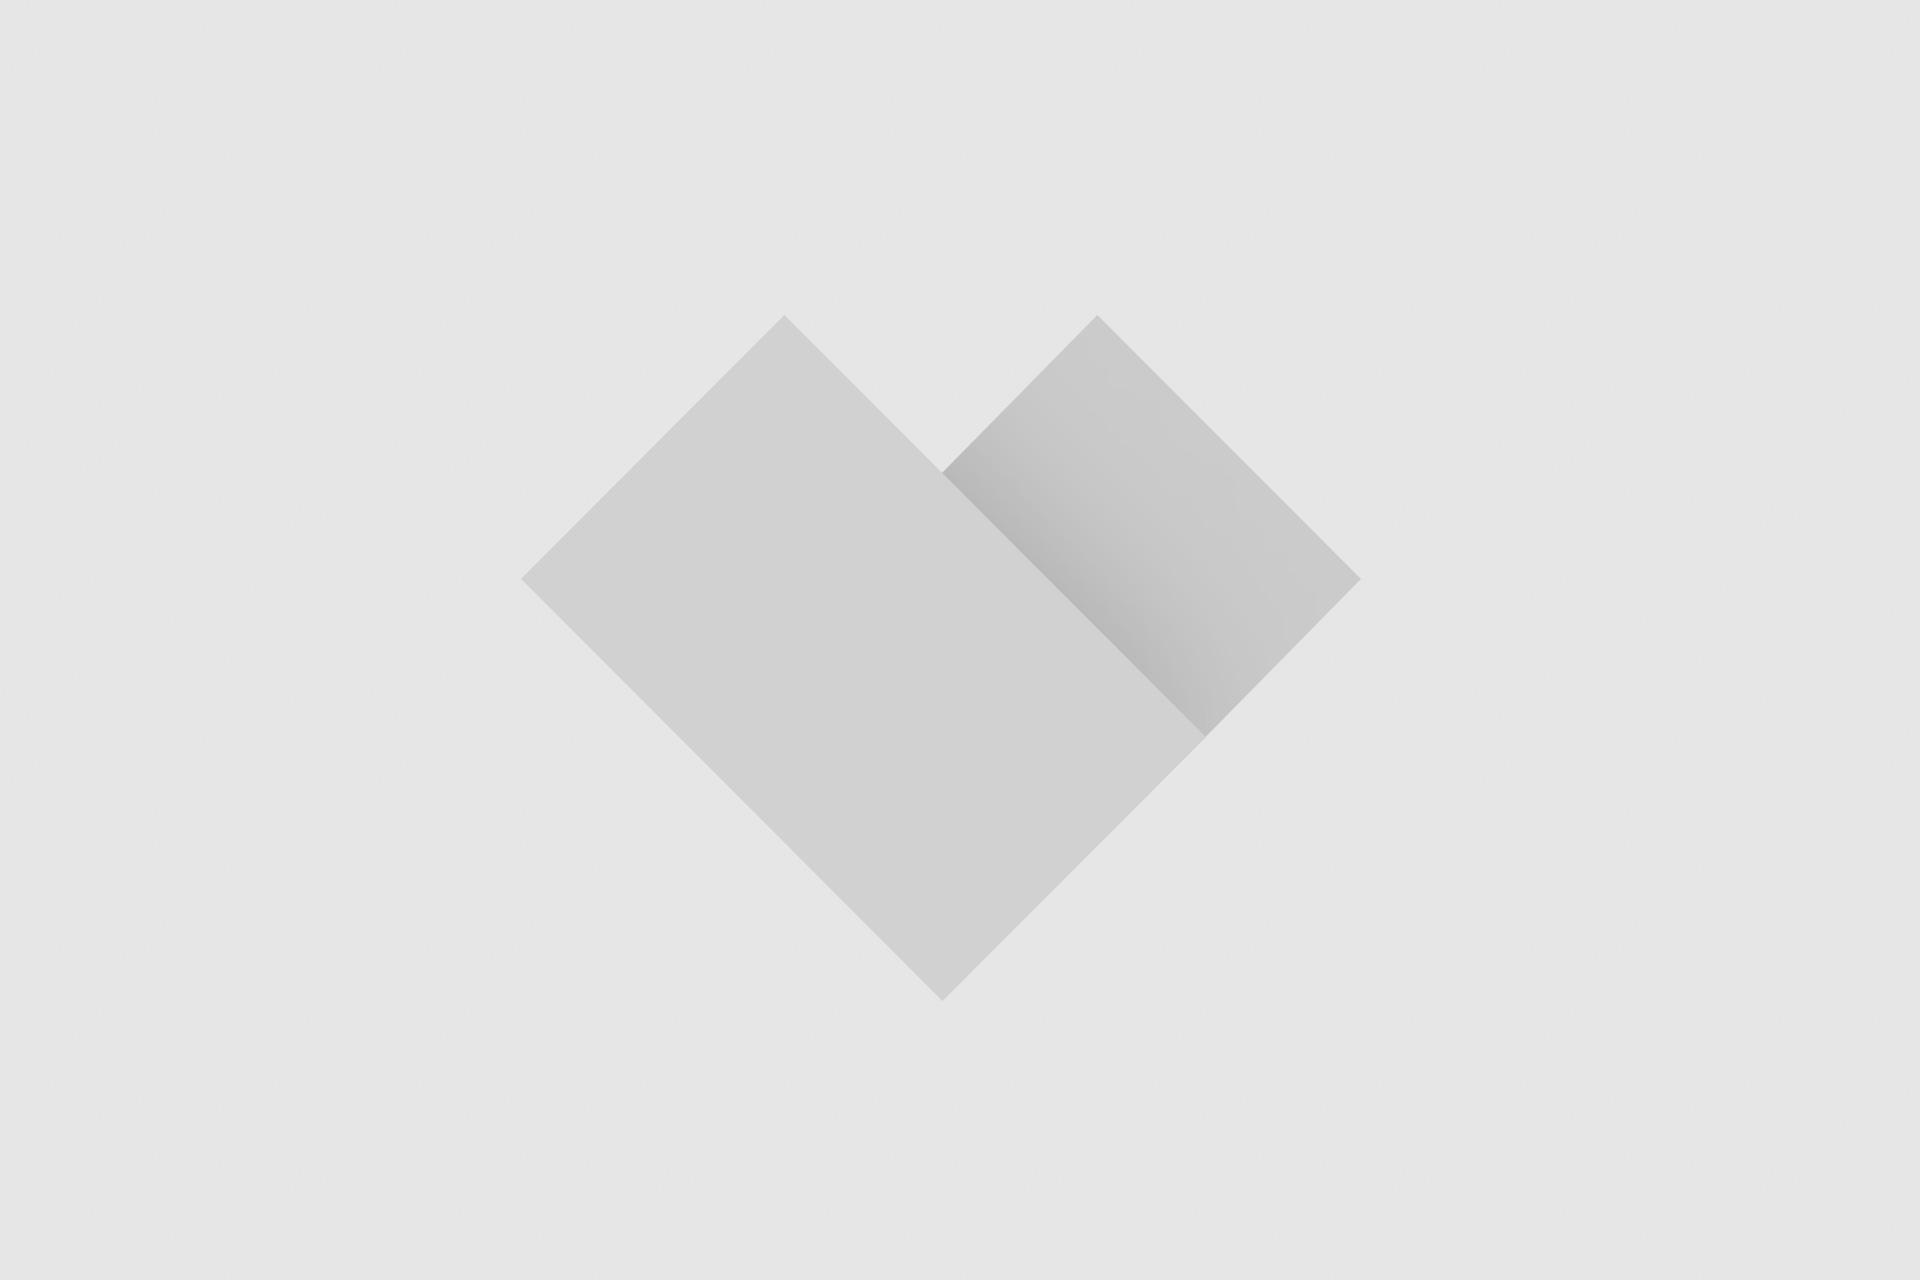 МТС установила флеш-цену на новый Honor 8 в розничной сети